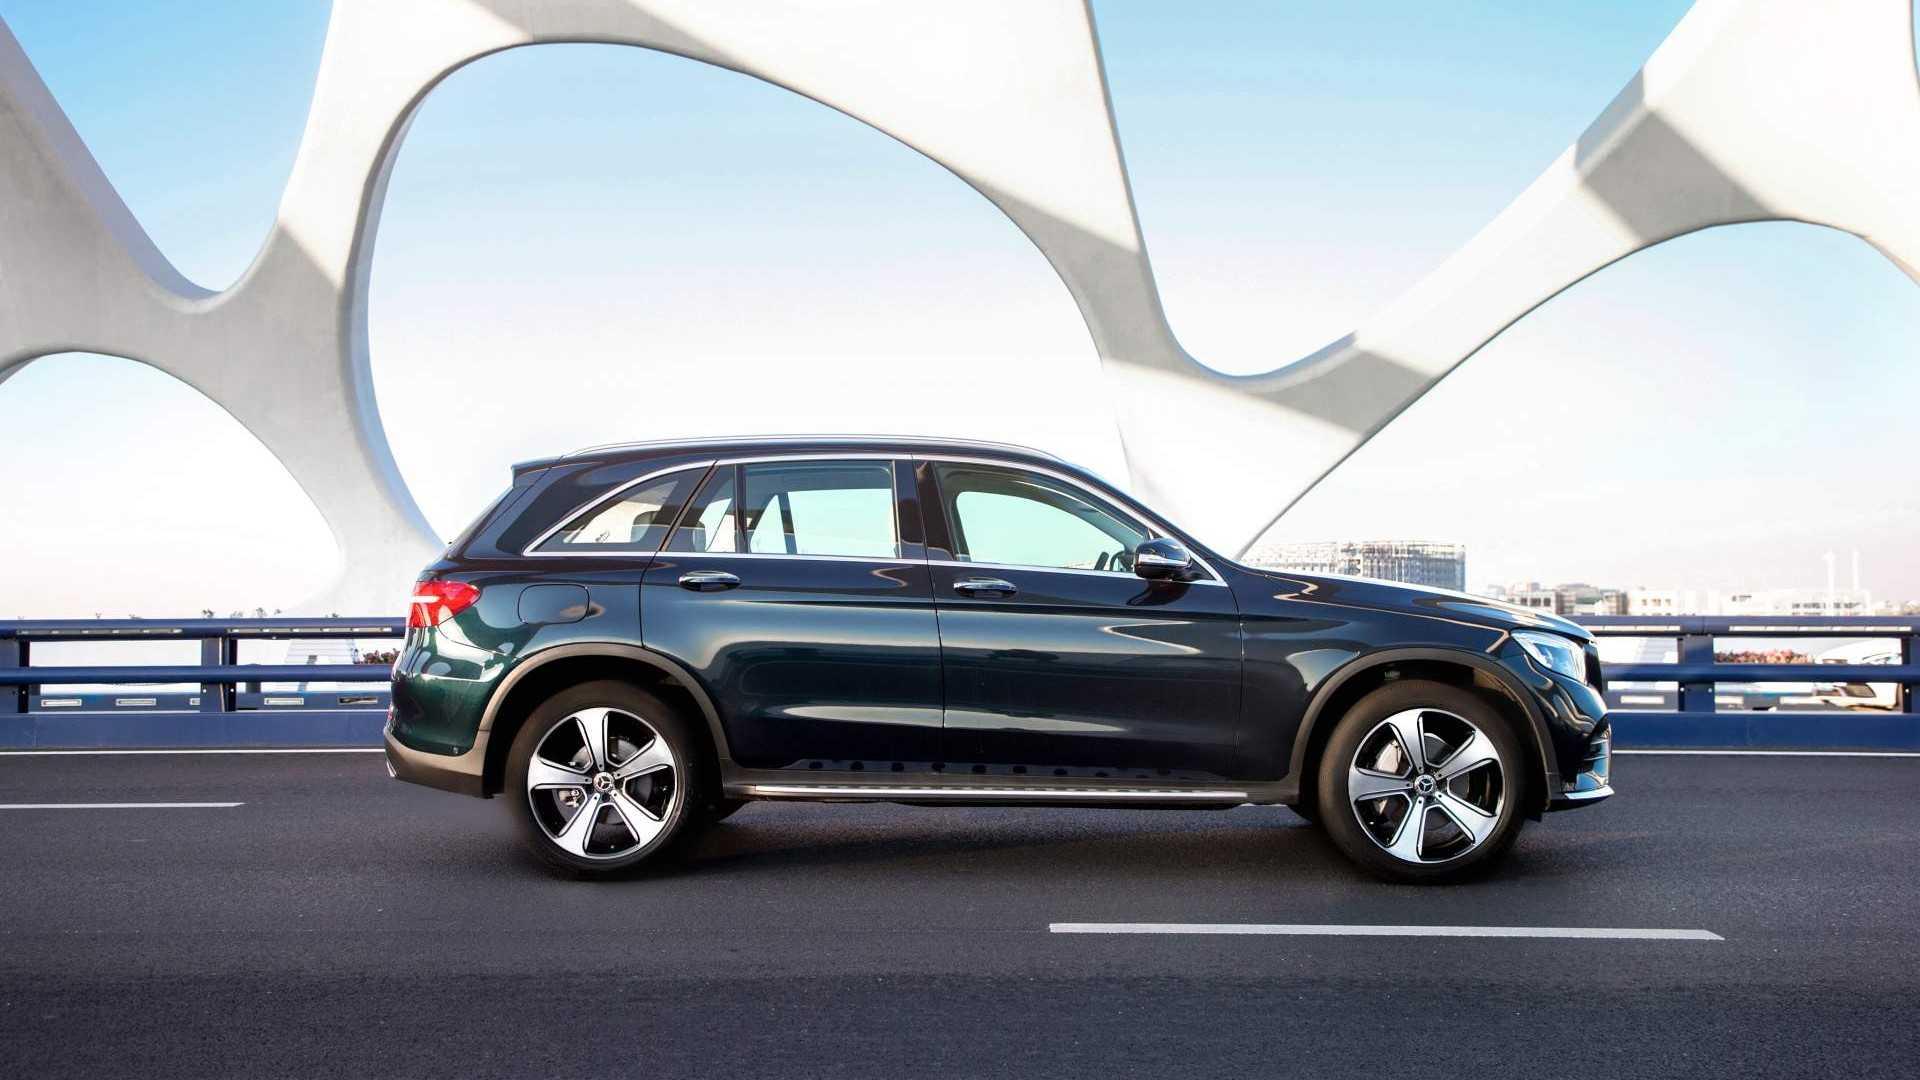 Khám phá Mercedes-Benz GLC L – Chiếc SUV dành riêng cho người Trung Quốc - ảnh 4